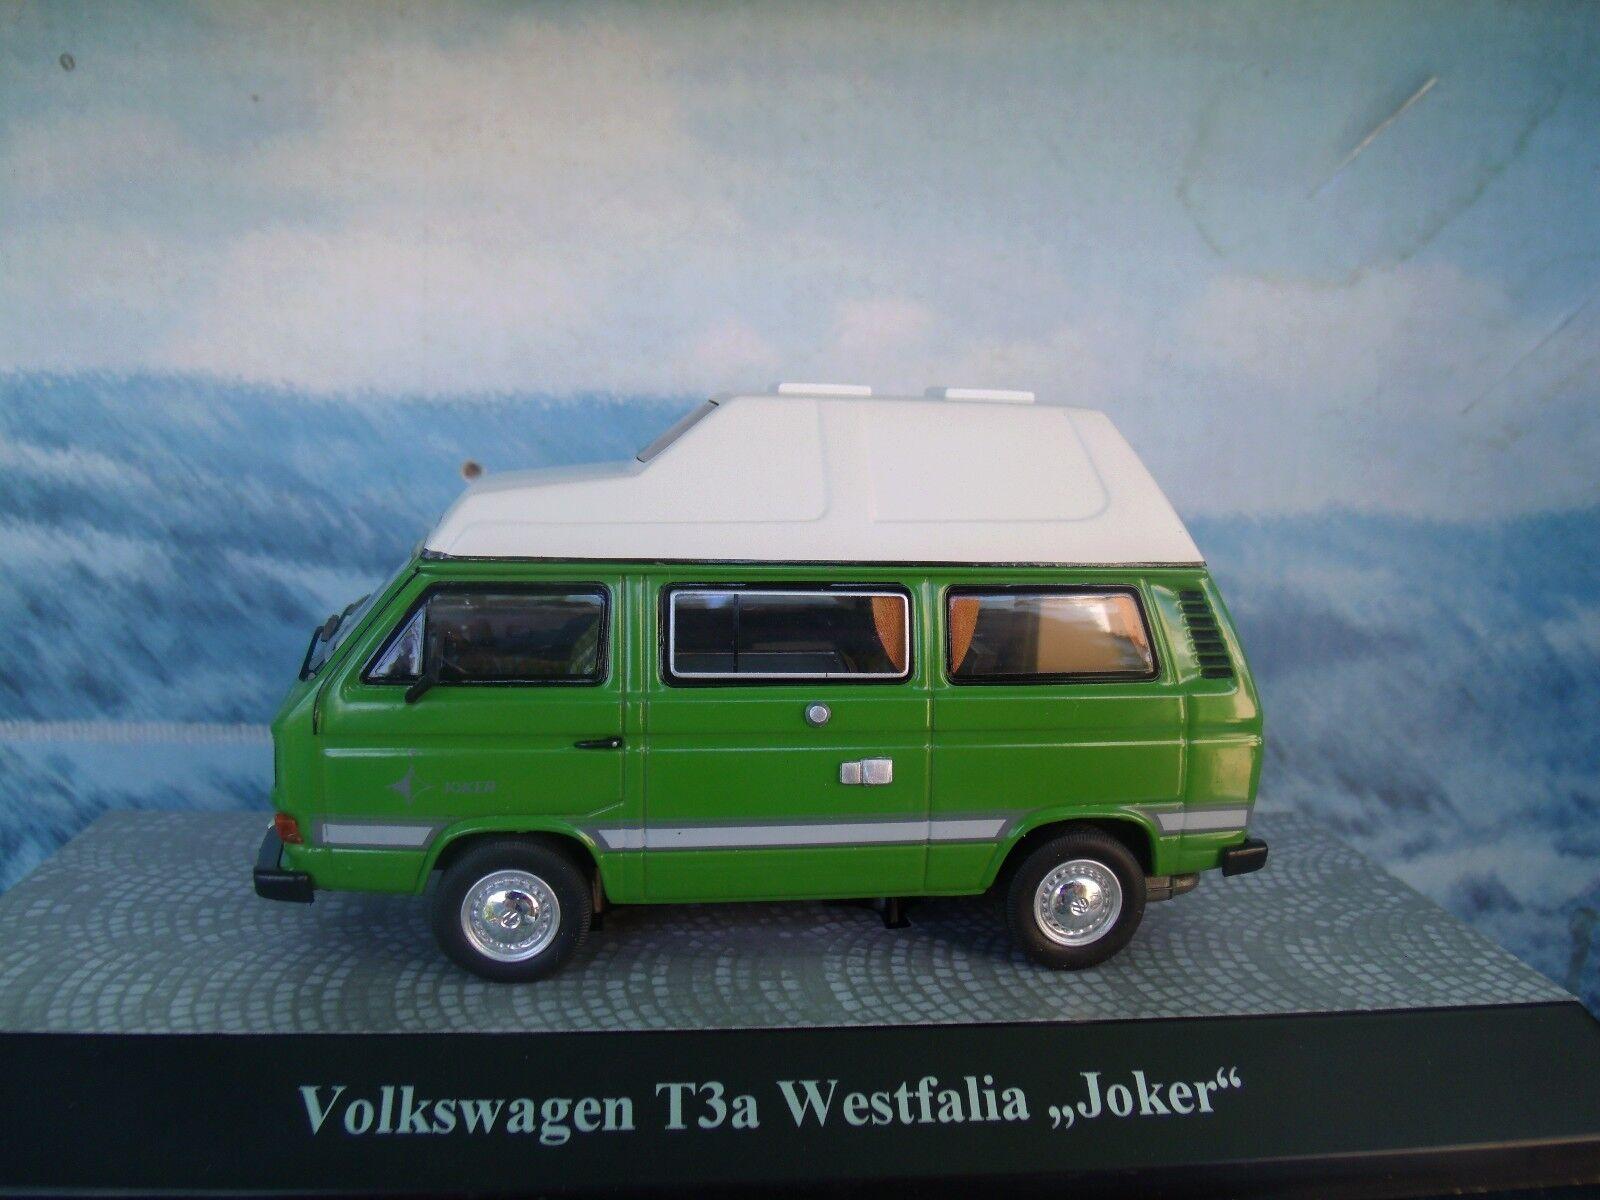 Senza tasse 1 43 PREMIUM classeIXXs (Geruomoy)  VW T3  Westfalia Westfalia Westfalia  Joker   limited 1 of 1000  gli ultimi modelli